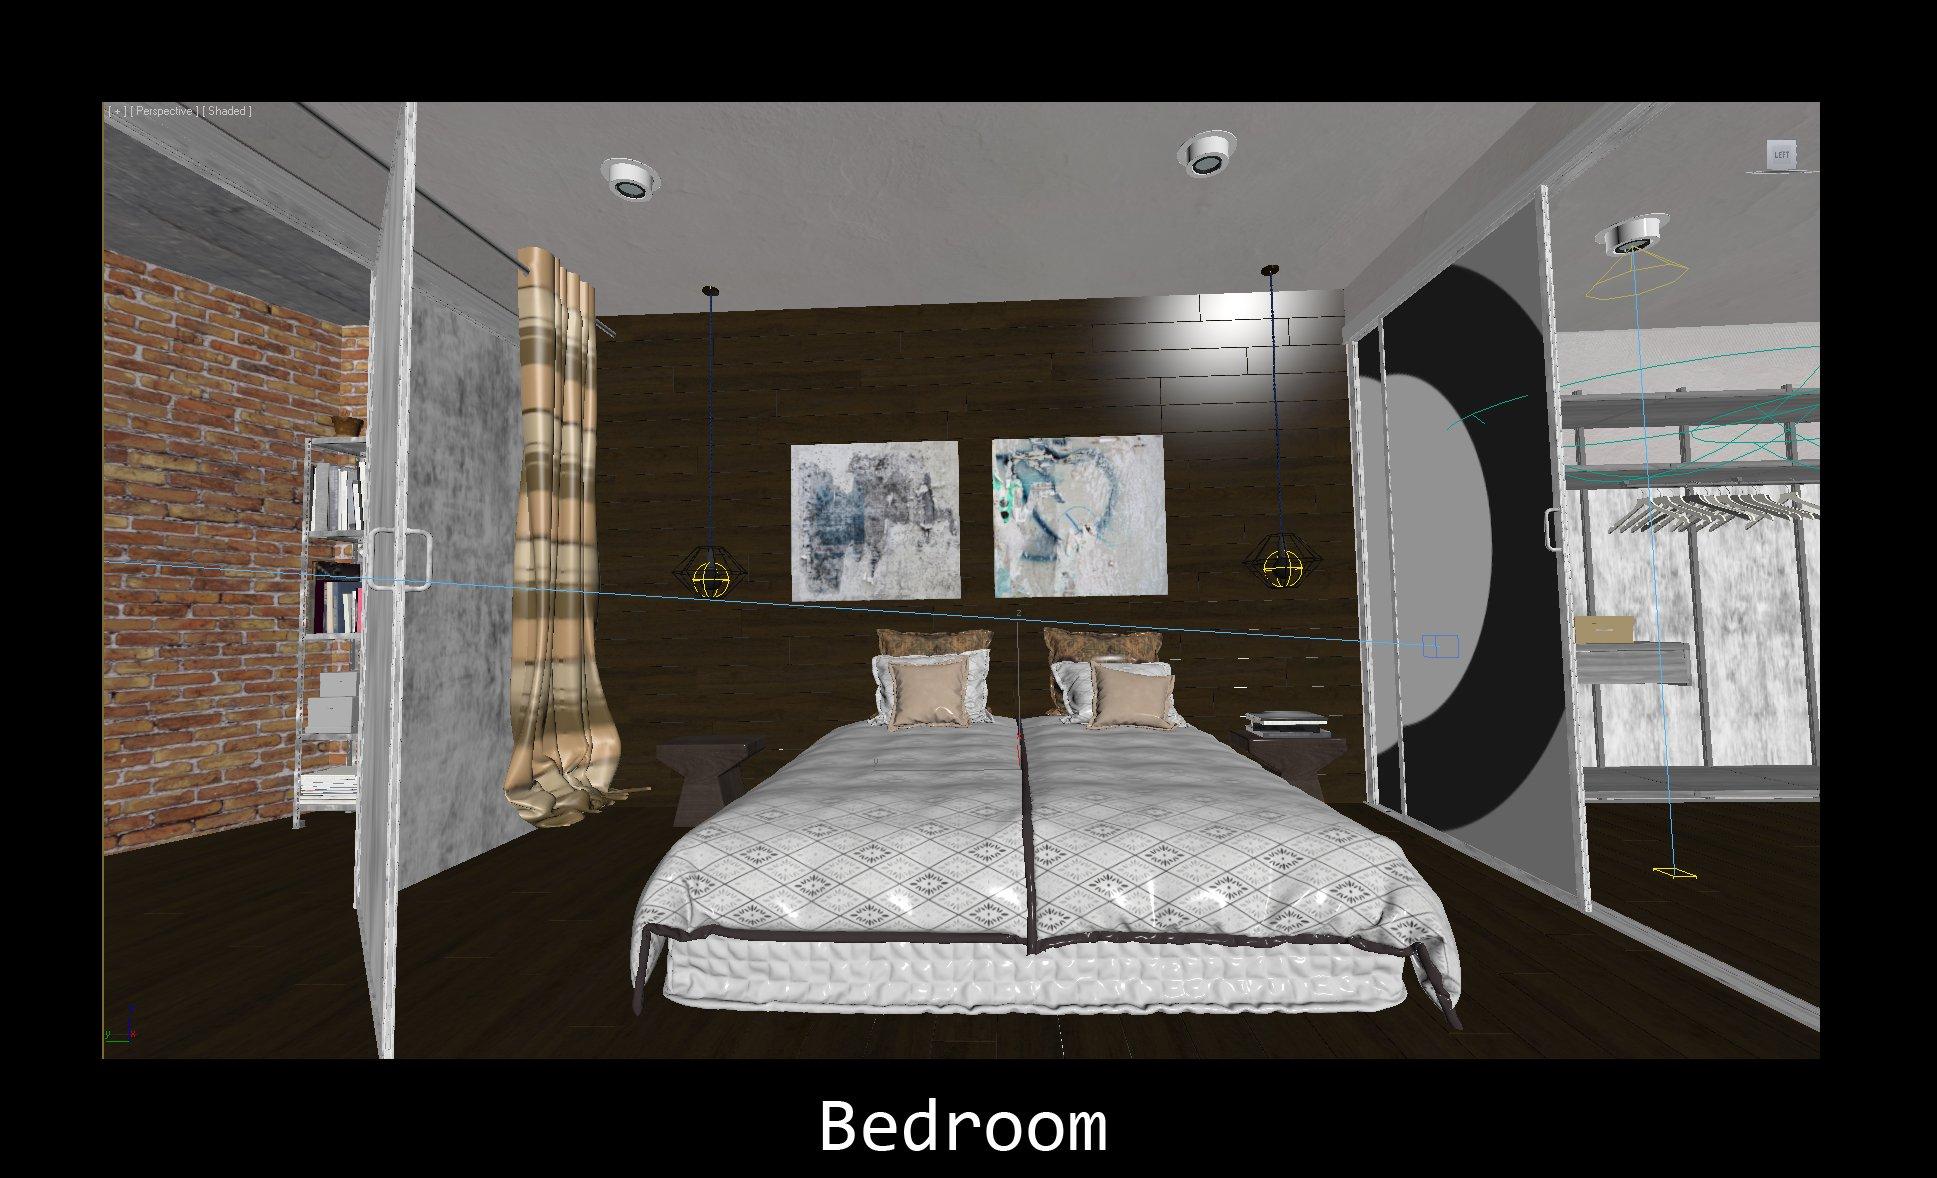 0010_005_bedroom_NR_02832.jpg